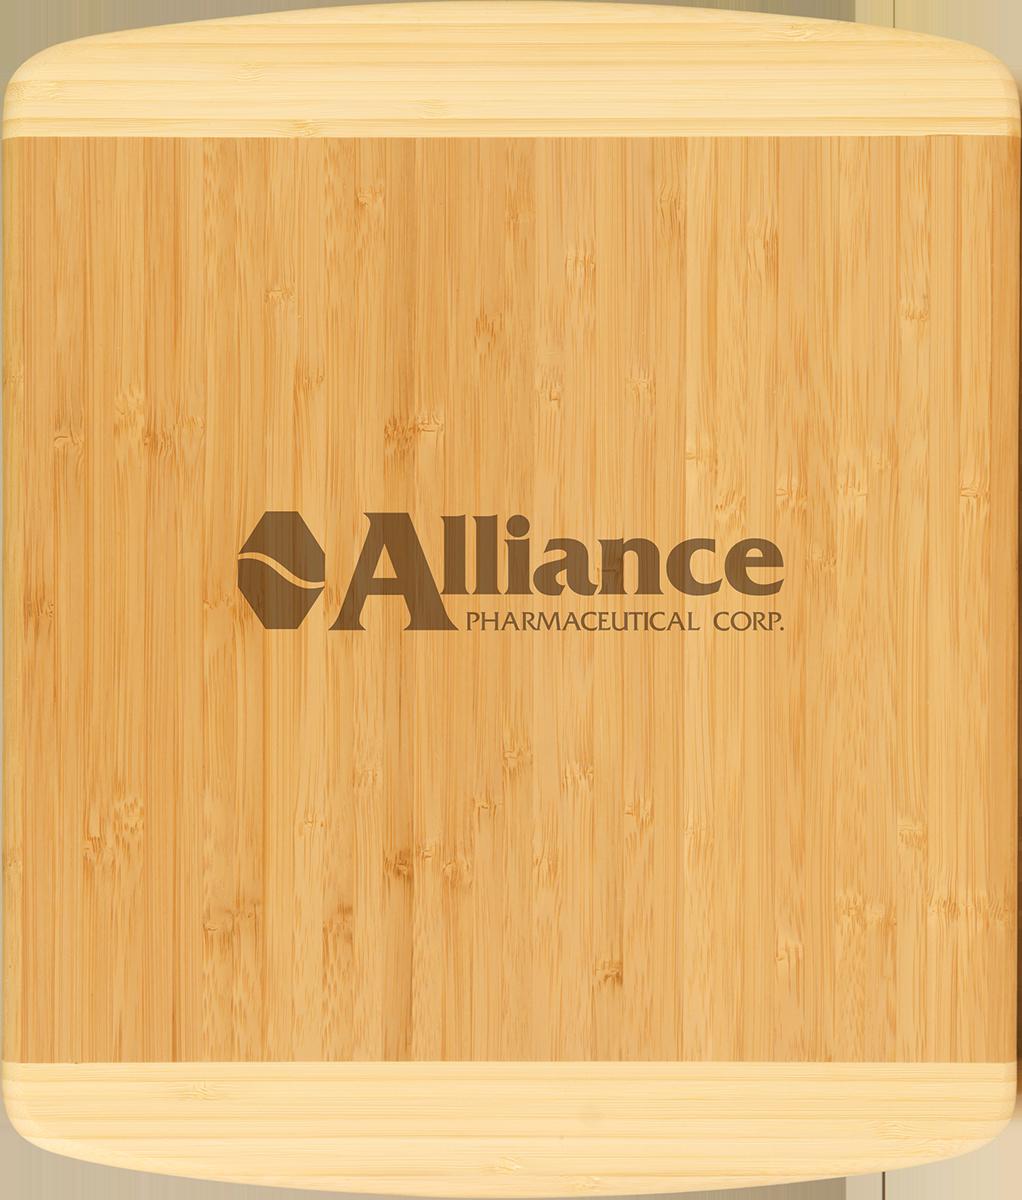 Customized 2-tone Bamboo Cutting Board